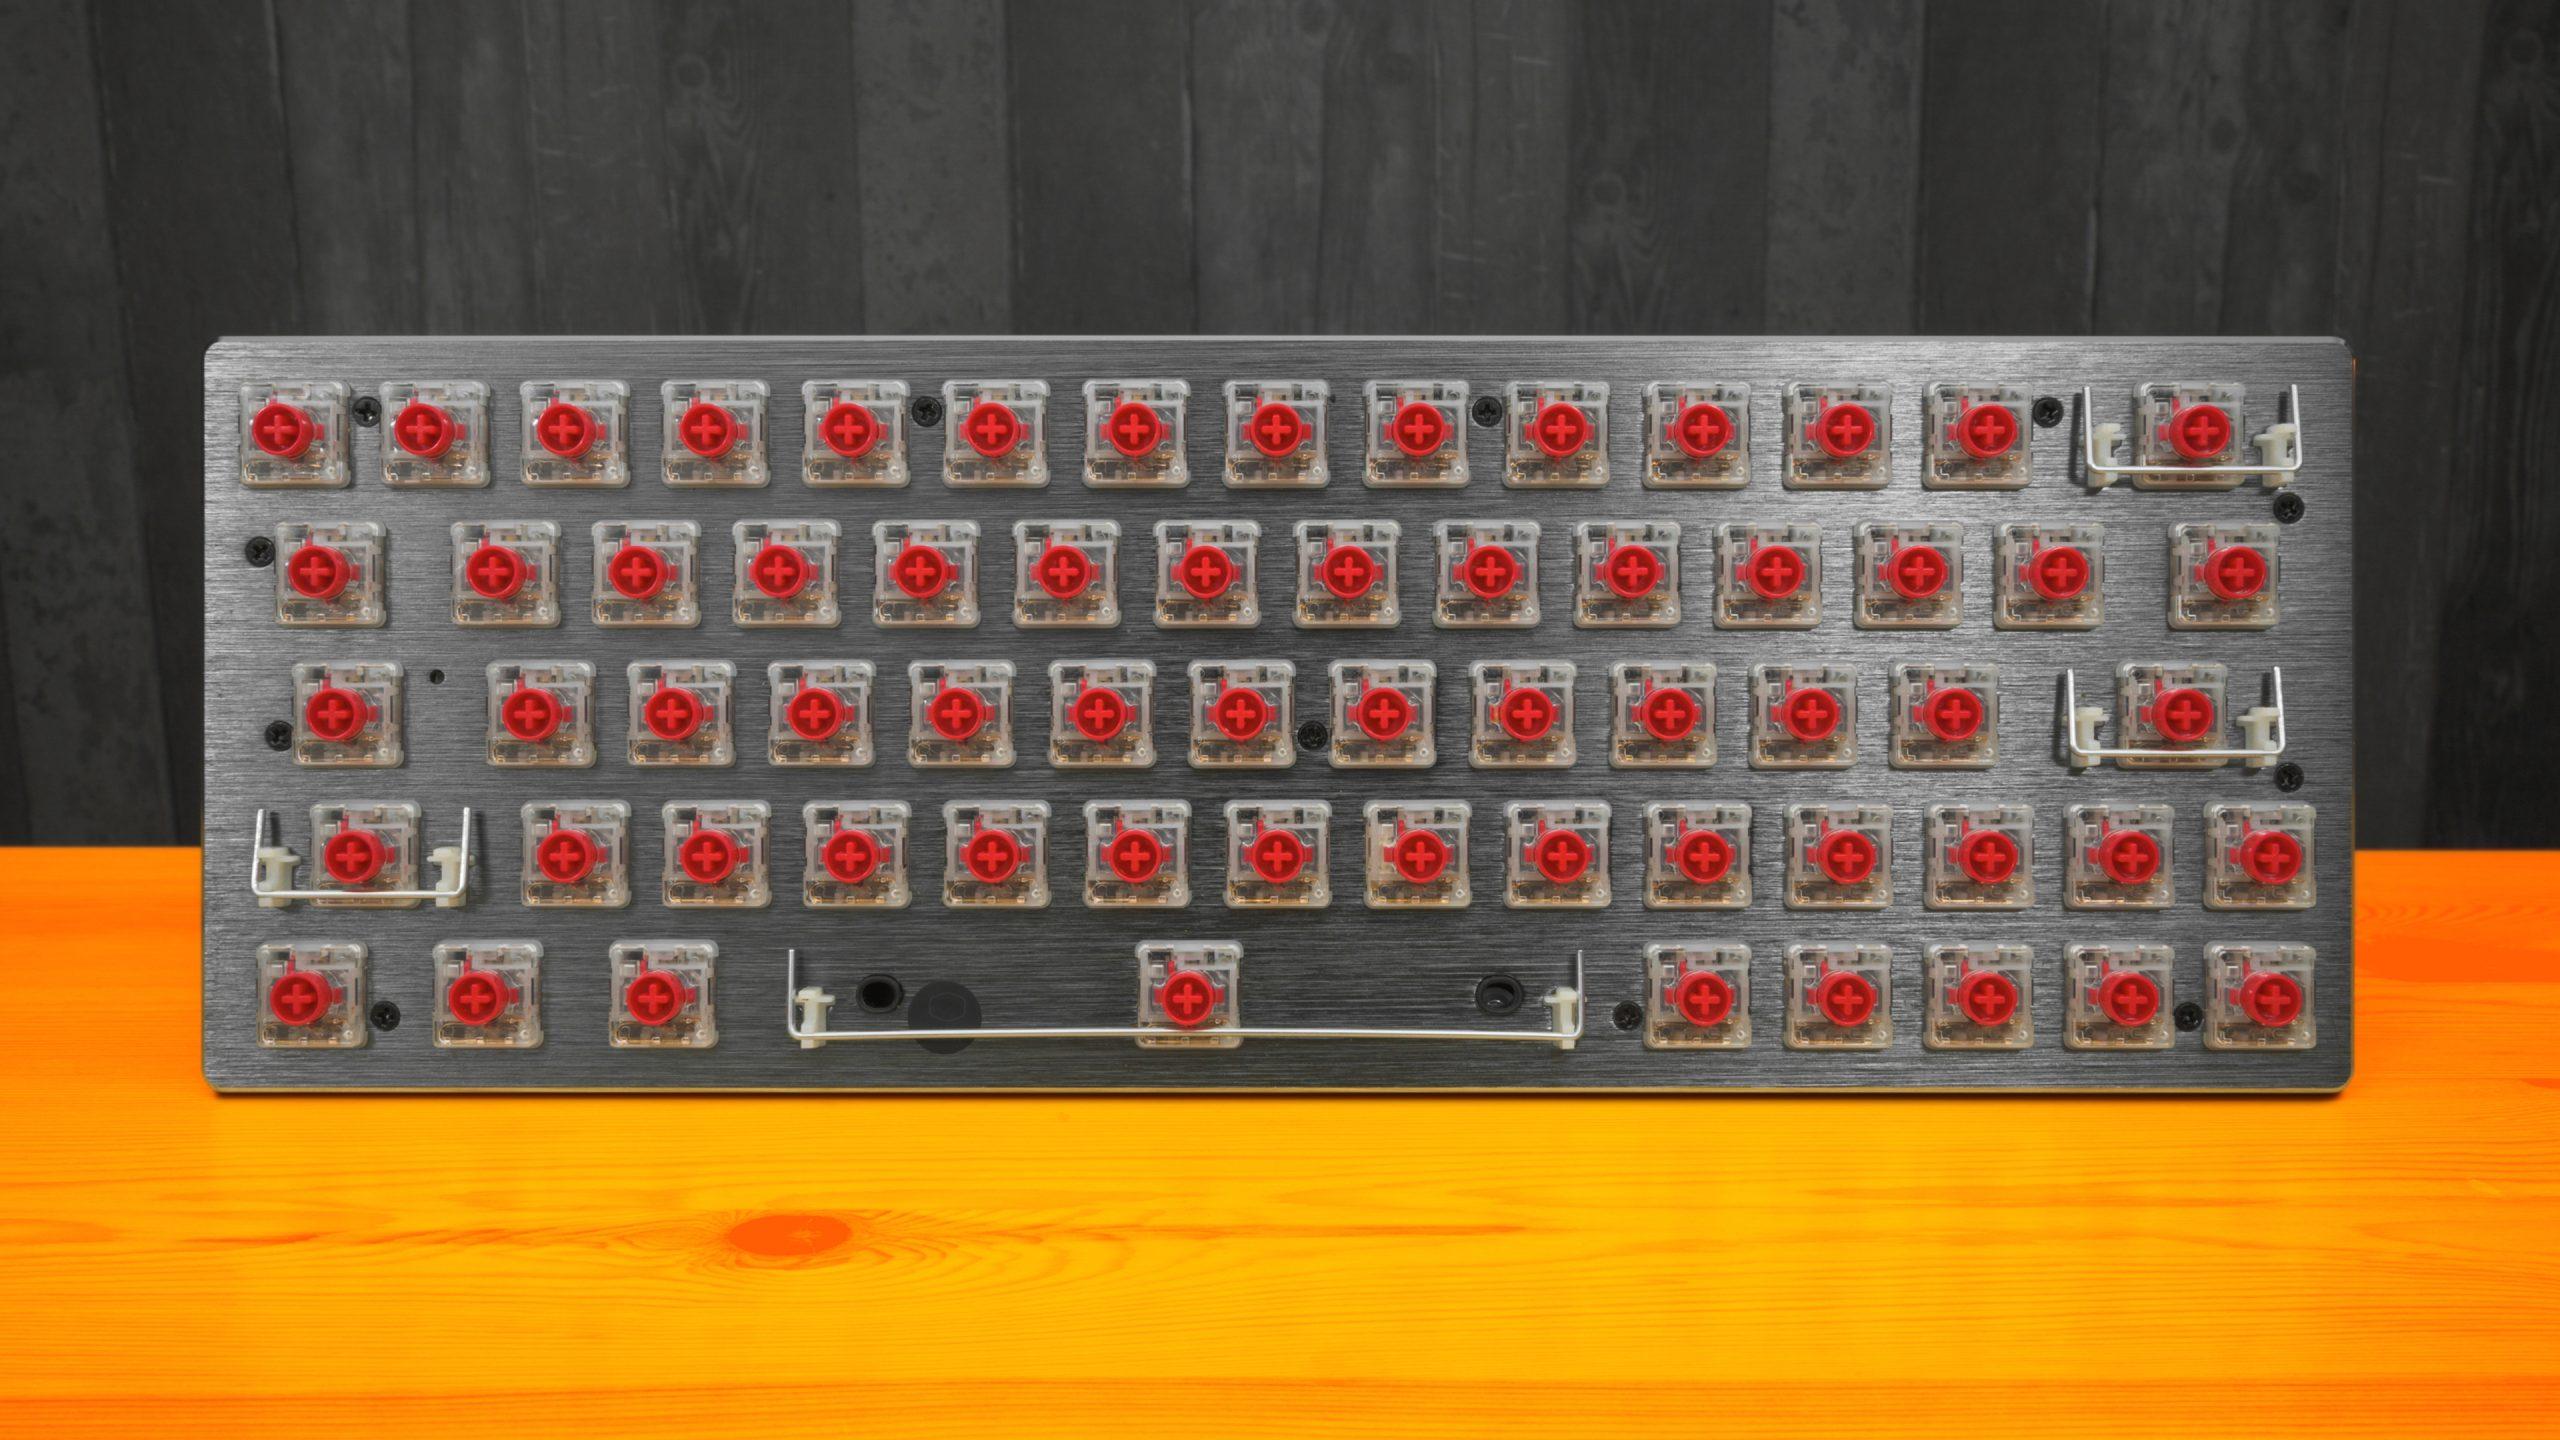 Foto van een 60% groot toetsenbord, waarvan alle keycaps geplukt zijn. Duidelijk zichtbaar zijn TTC's low-profile, lineaire KS32-schakelaars.